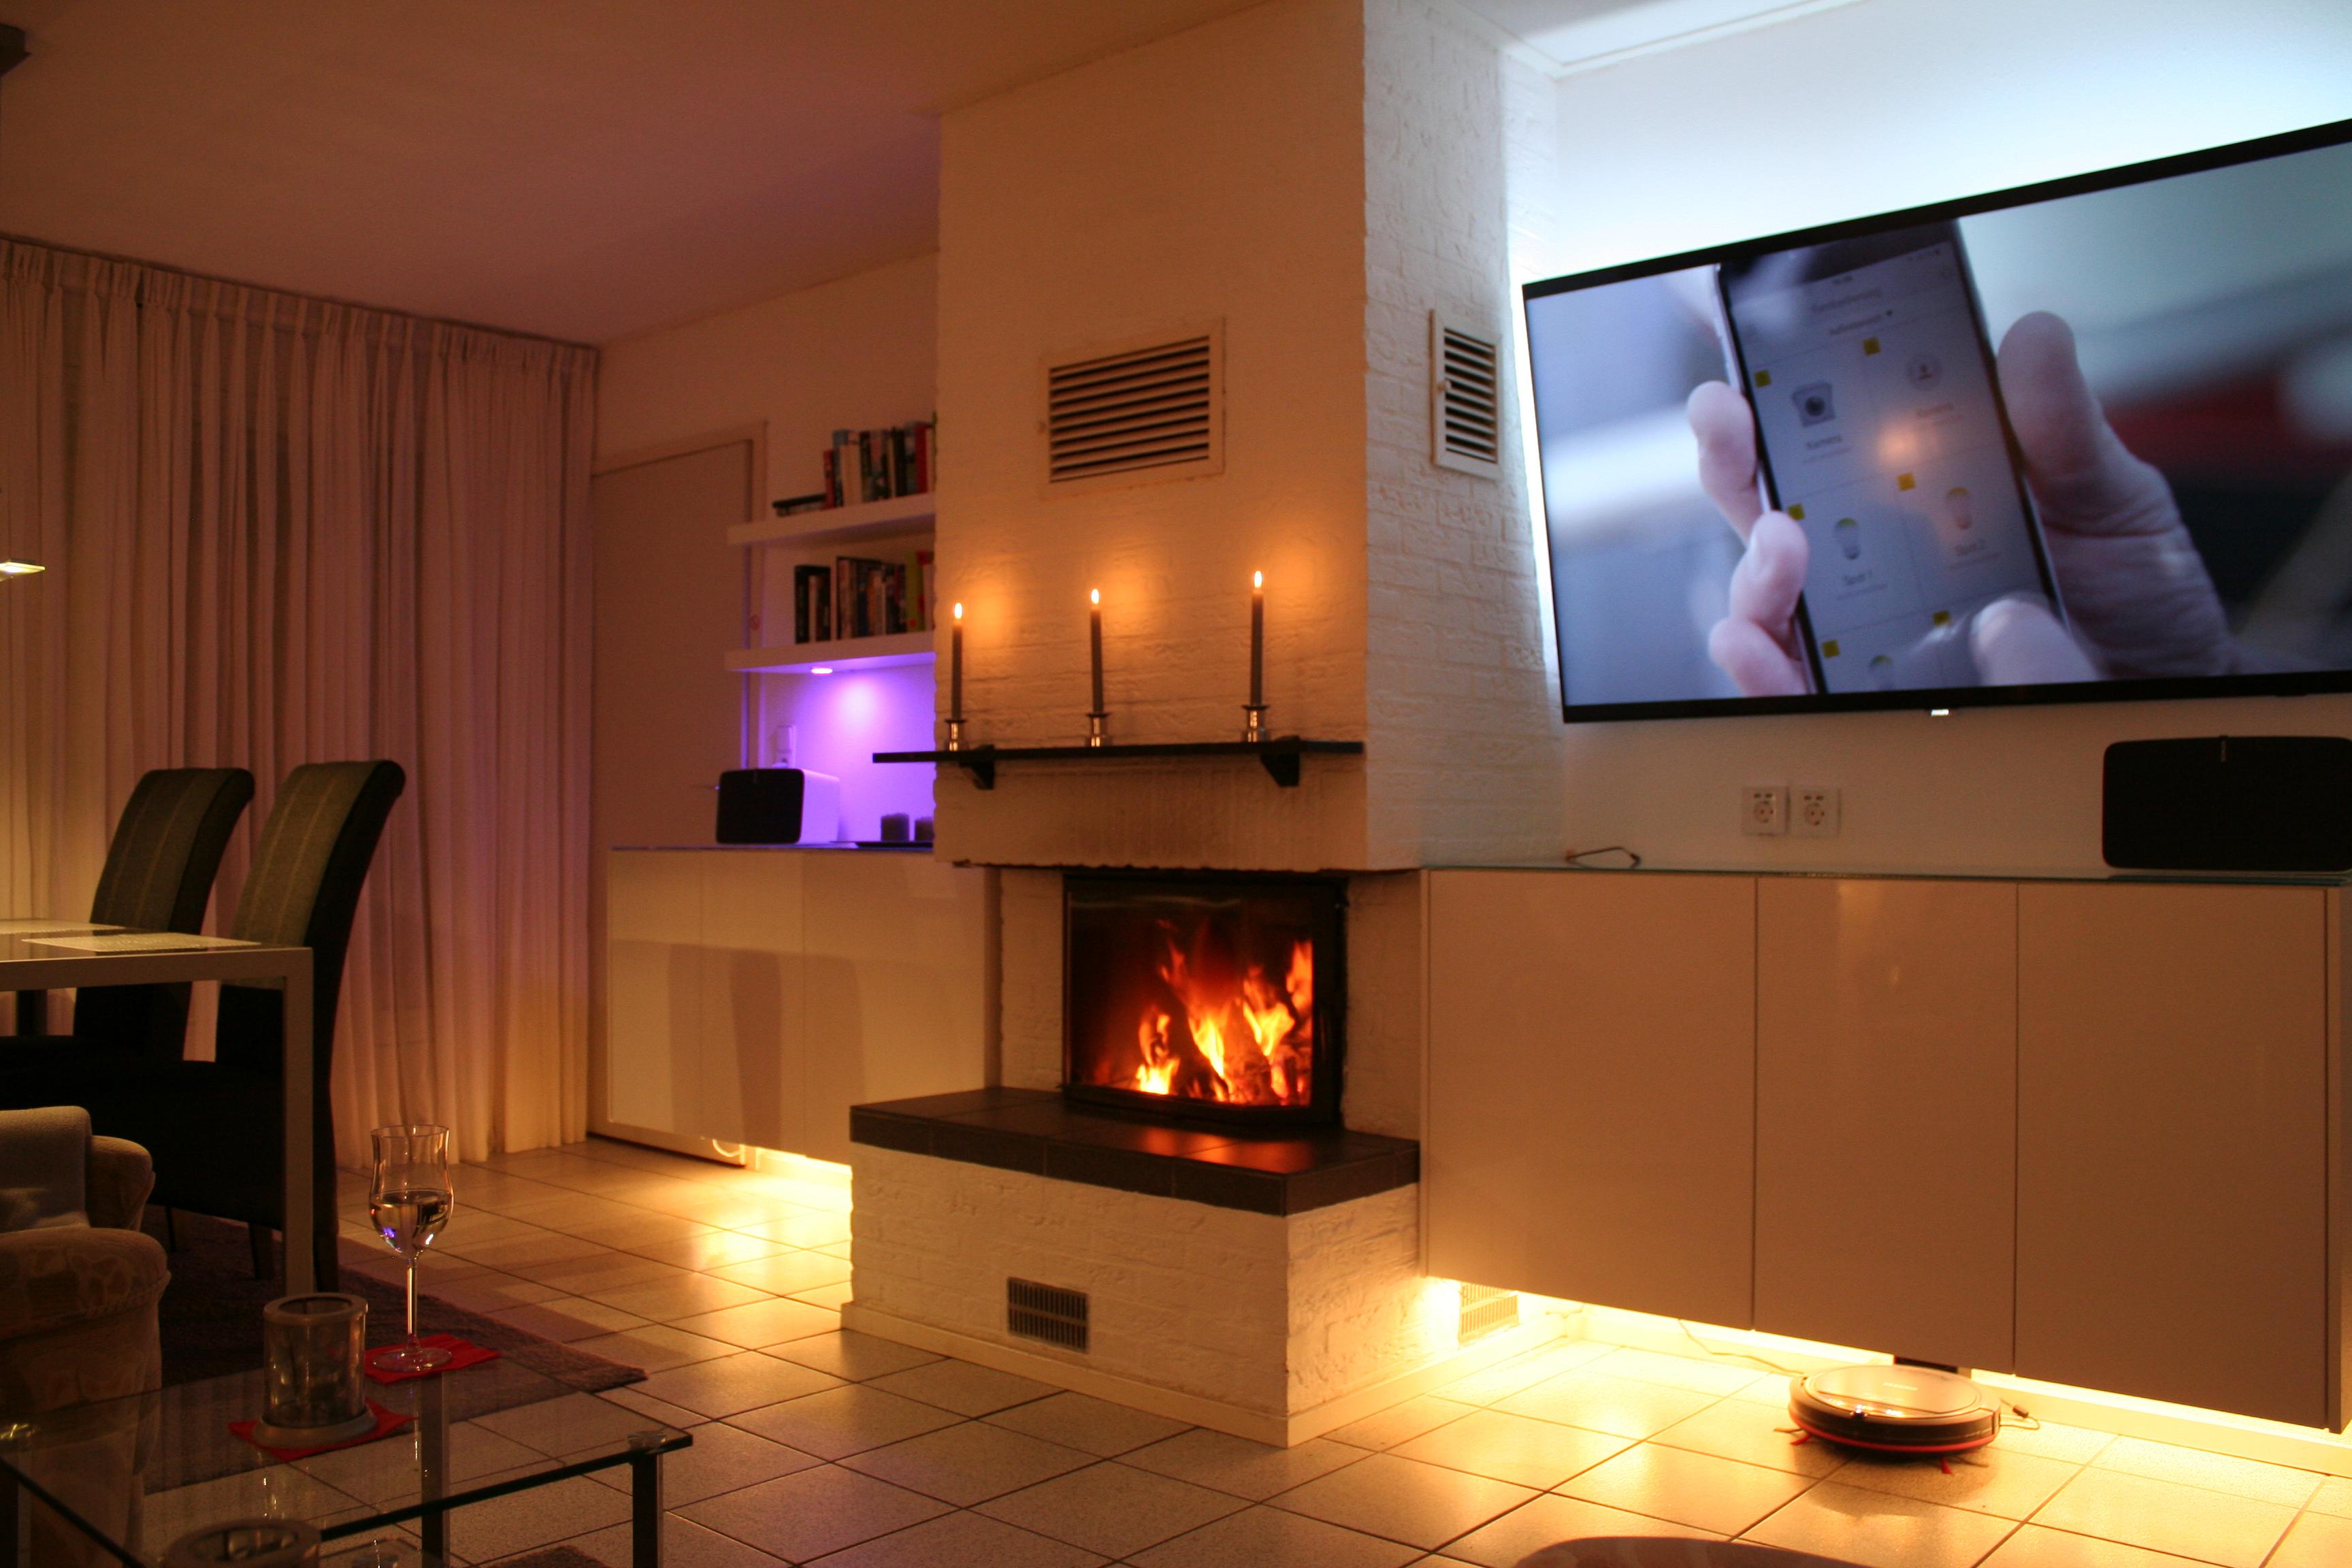 Smartes Ferienhaus - mit Telekom Magenta Smarthome